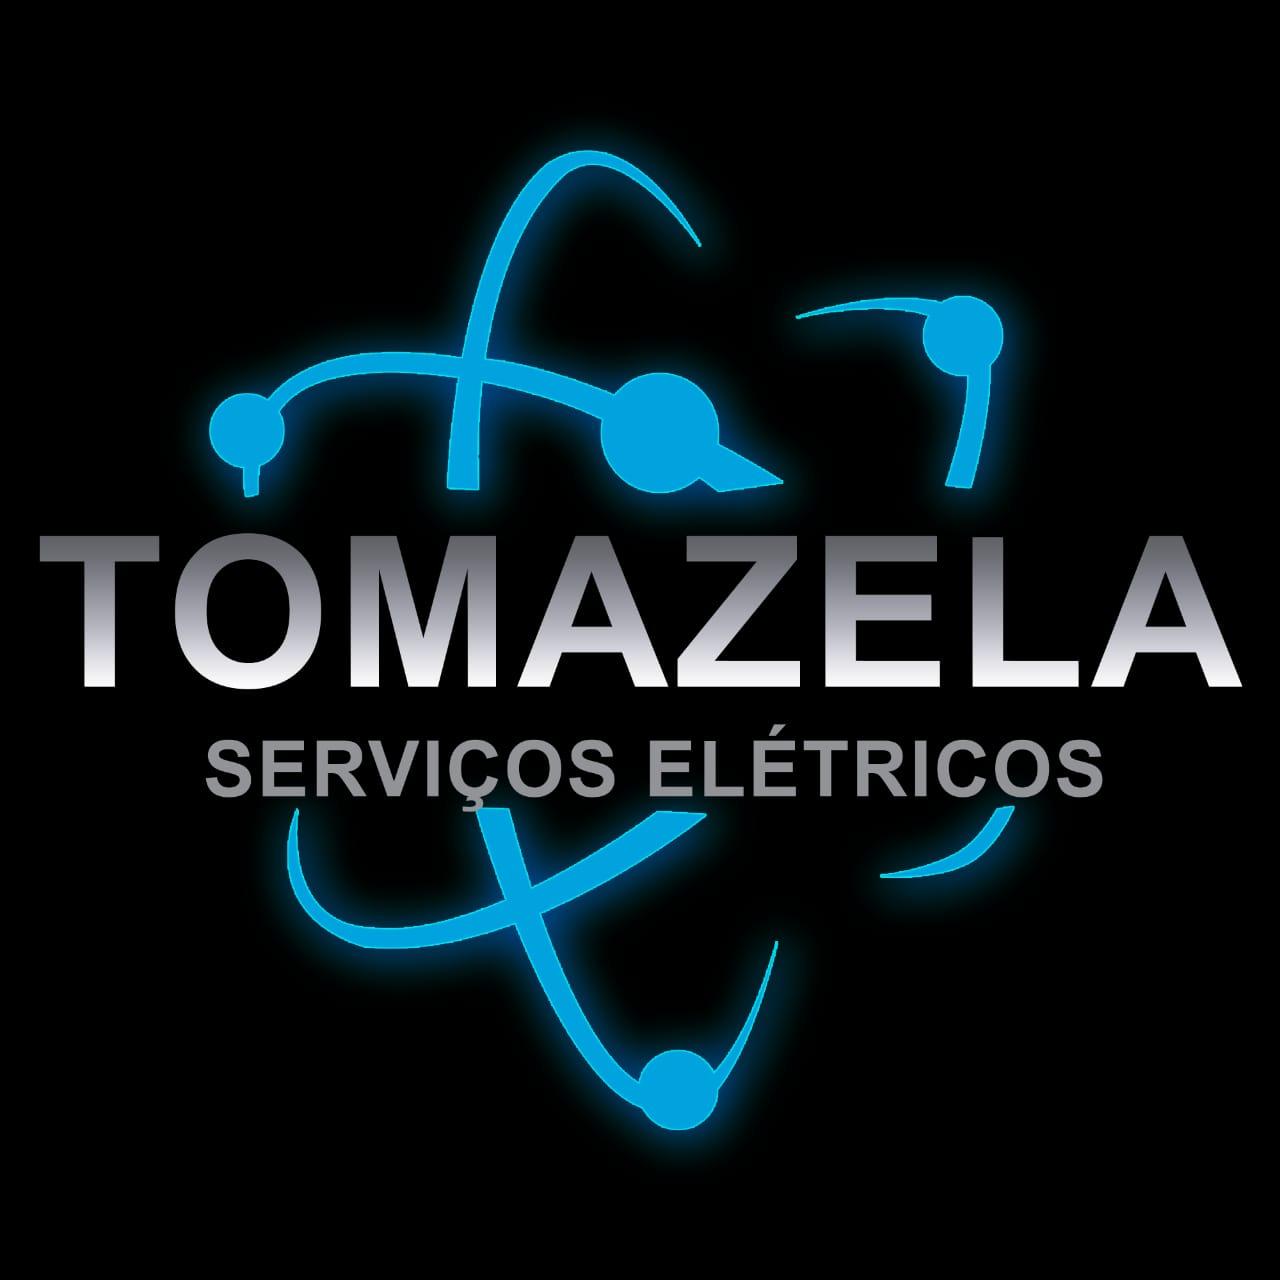 Tomazela Serviços Elétricos